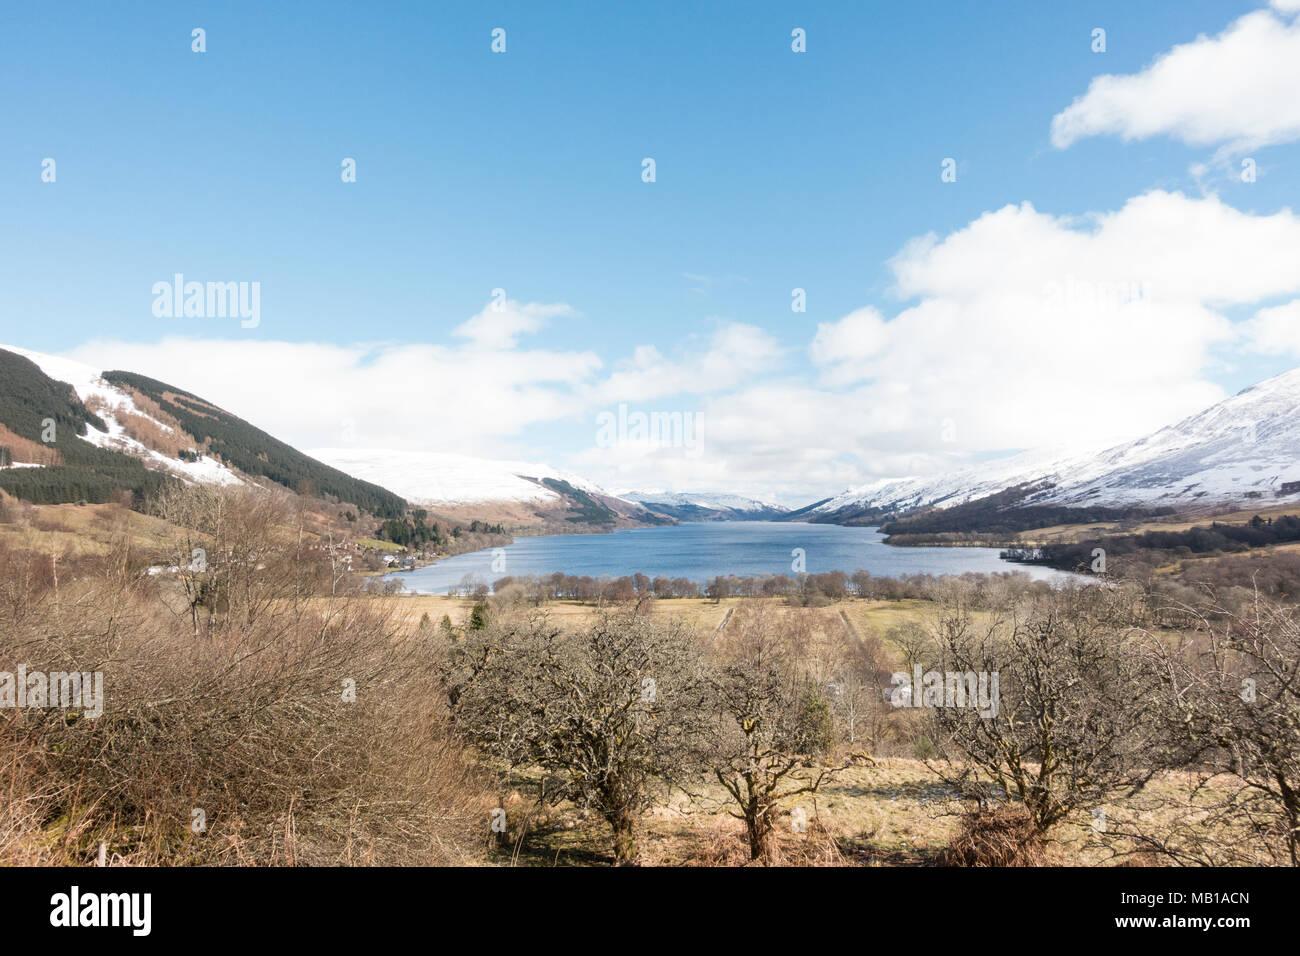 Loch Landschaft verdienen nach einem frühen Frühjahr Schneefall, mit Lochearnhead Dorf am westlichen Ende - Blick von der Rob Roy Weg, Pfad, Schottland, UK Stockbild